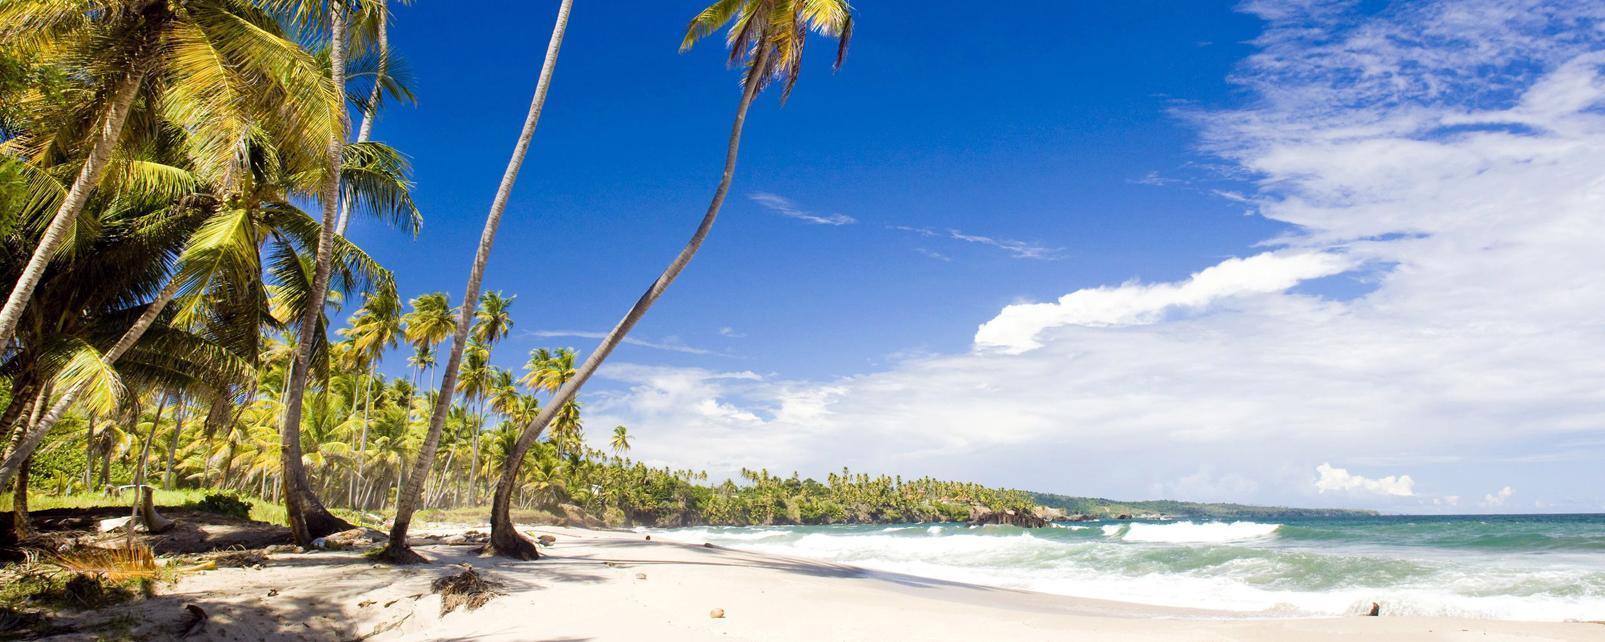 Caraïbes, Trinidad et Tobago, Trinidad, Cumana Bay, plage, baignade,